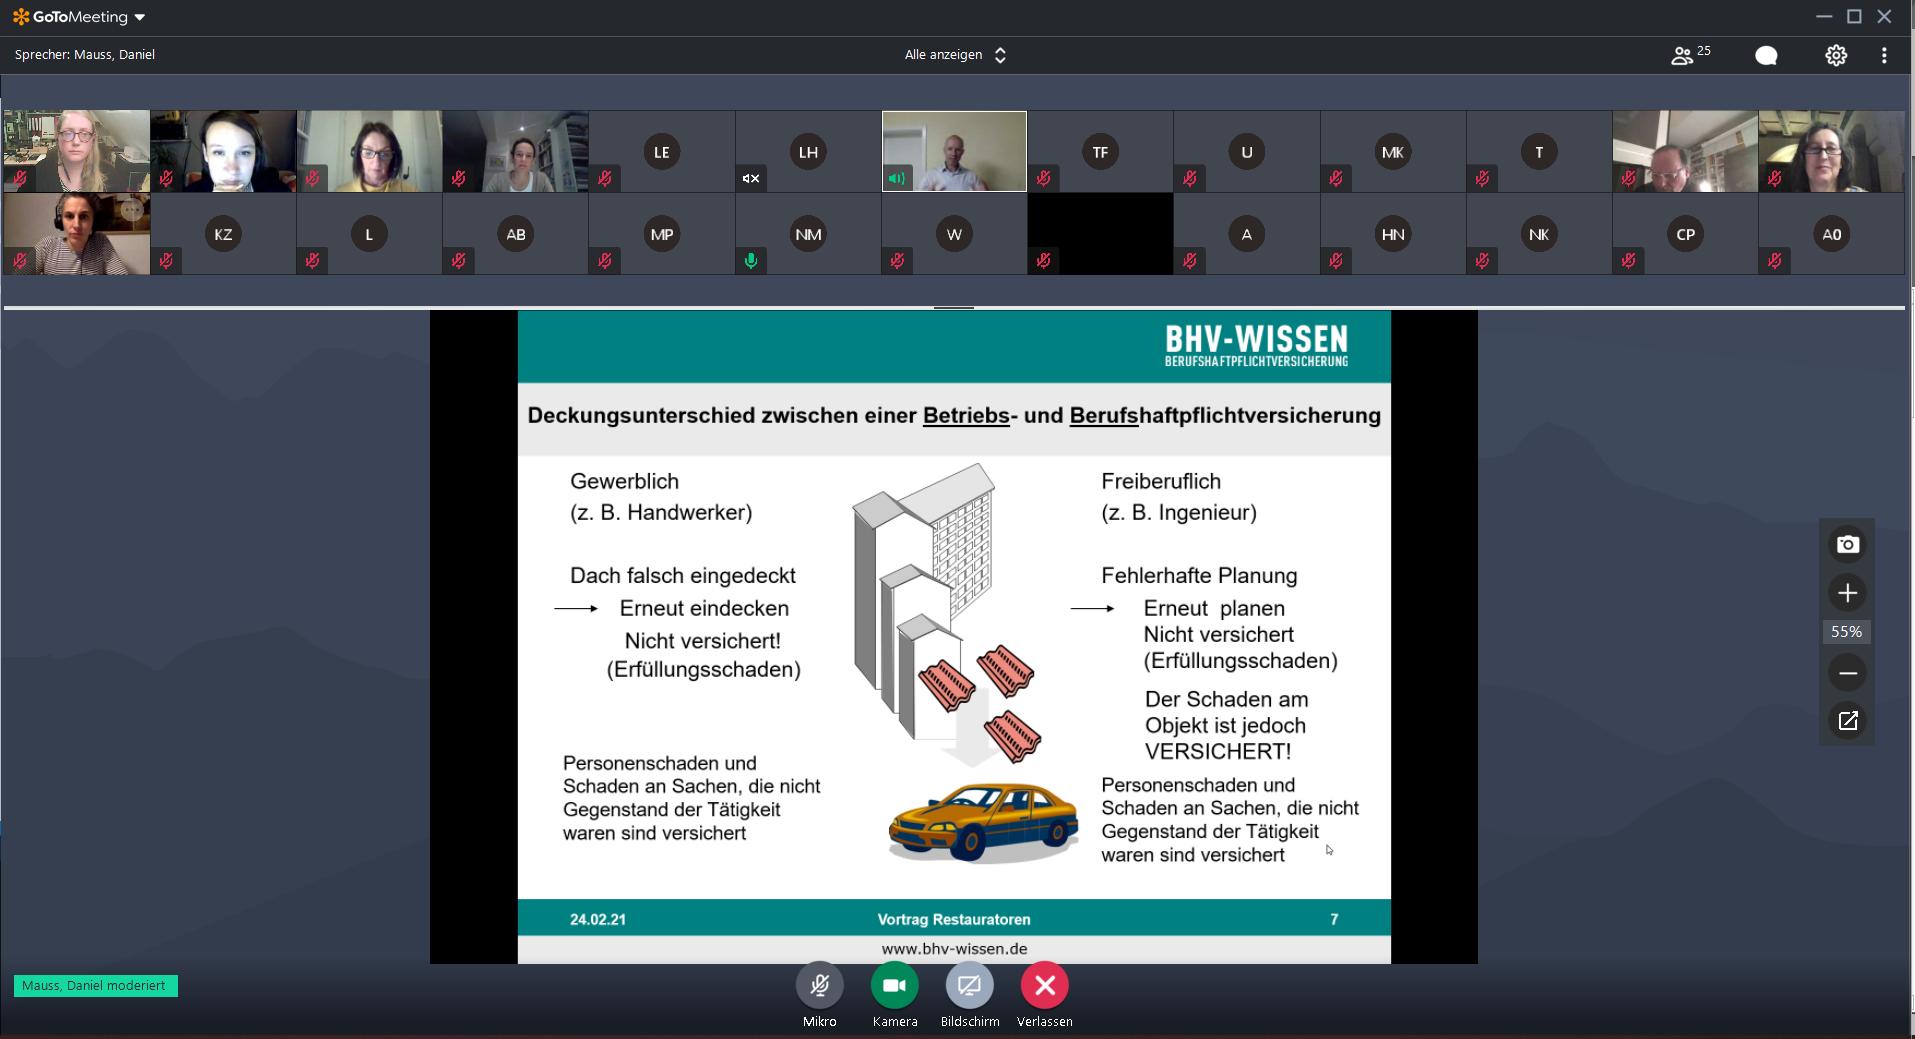 """Screenshot vom Webinar mit Daniel Mauss """"Richtig versichert als Restaurator:in (Berufs-/Betriebshaftpflicht)"""""""